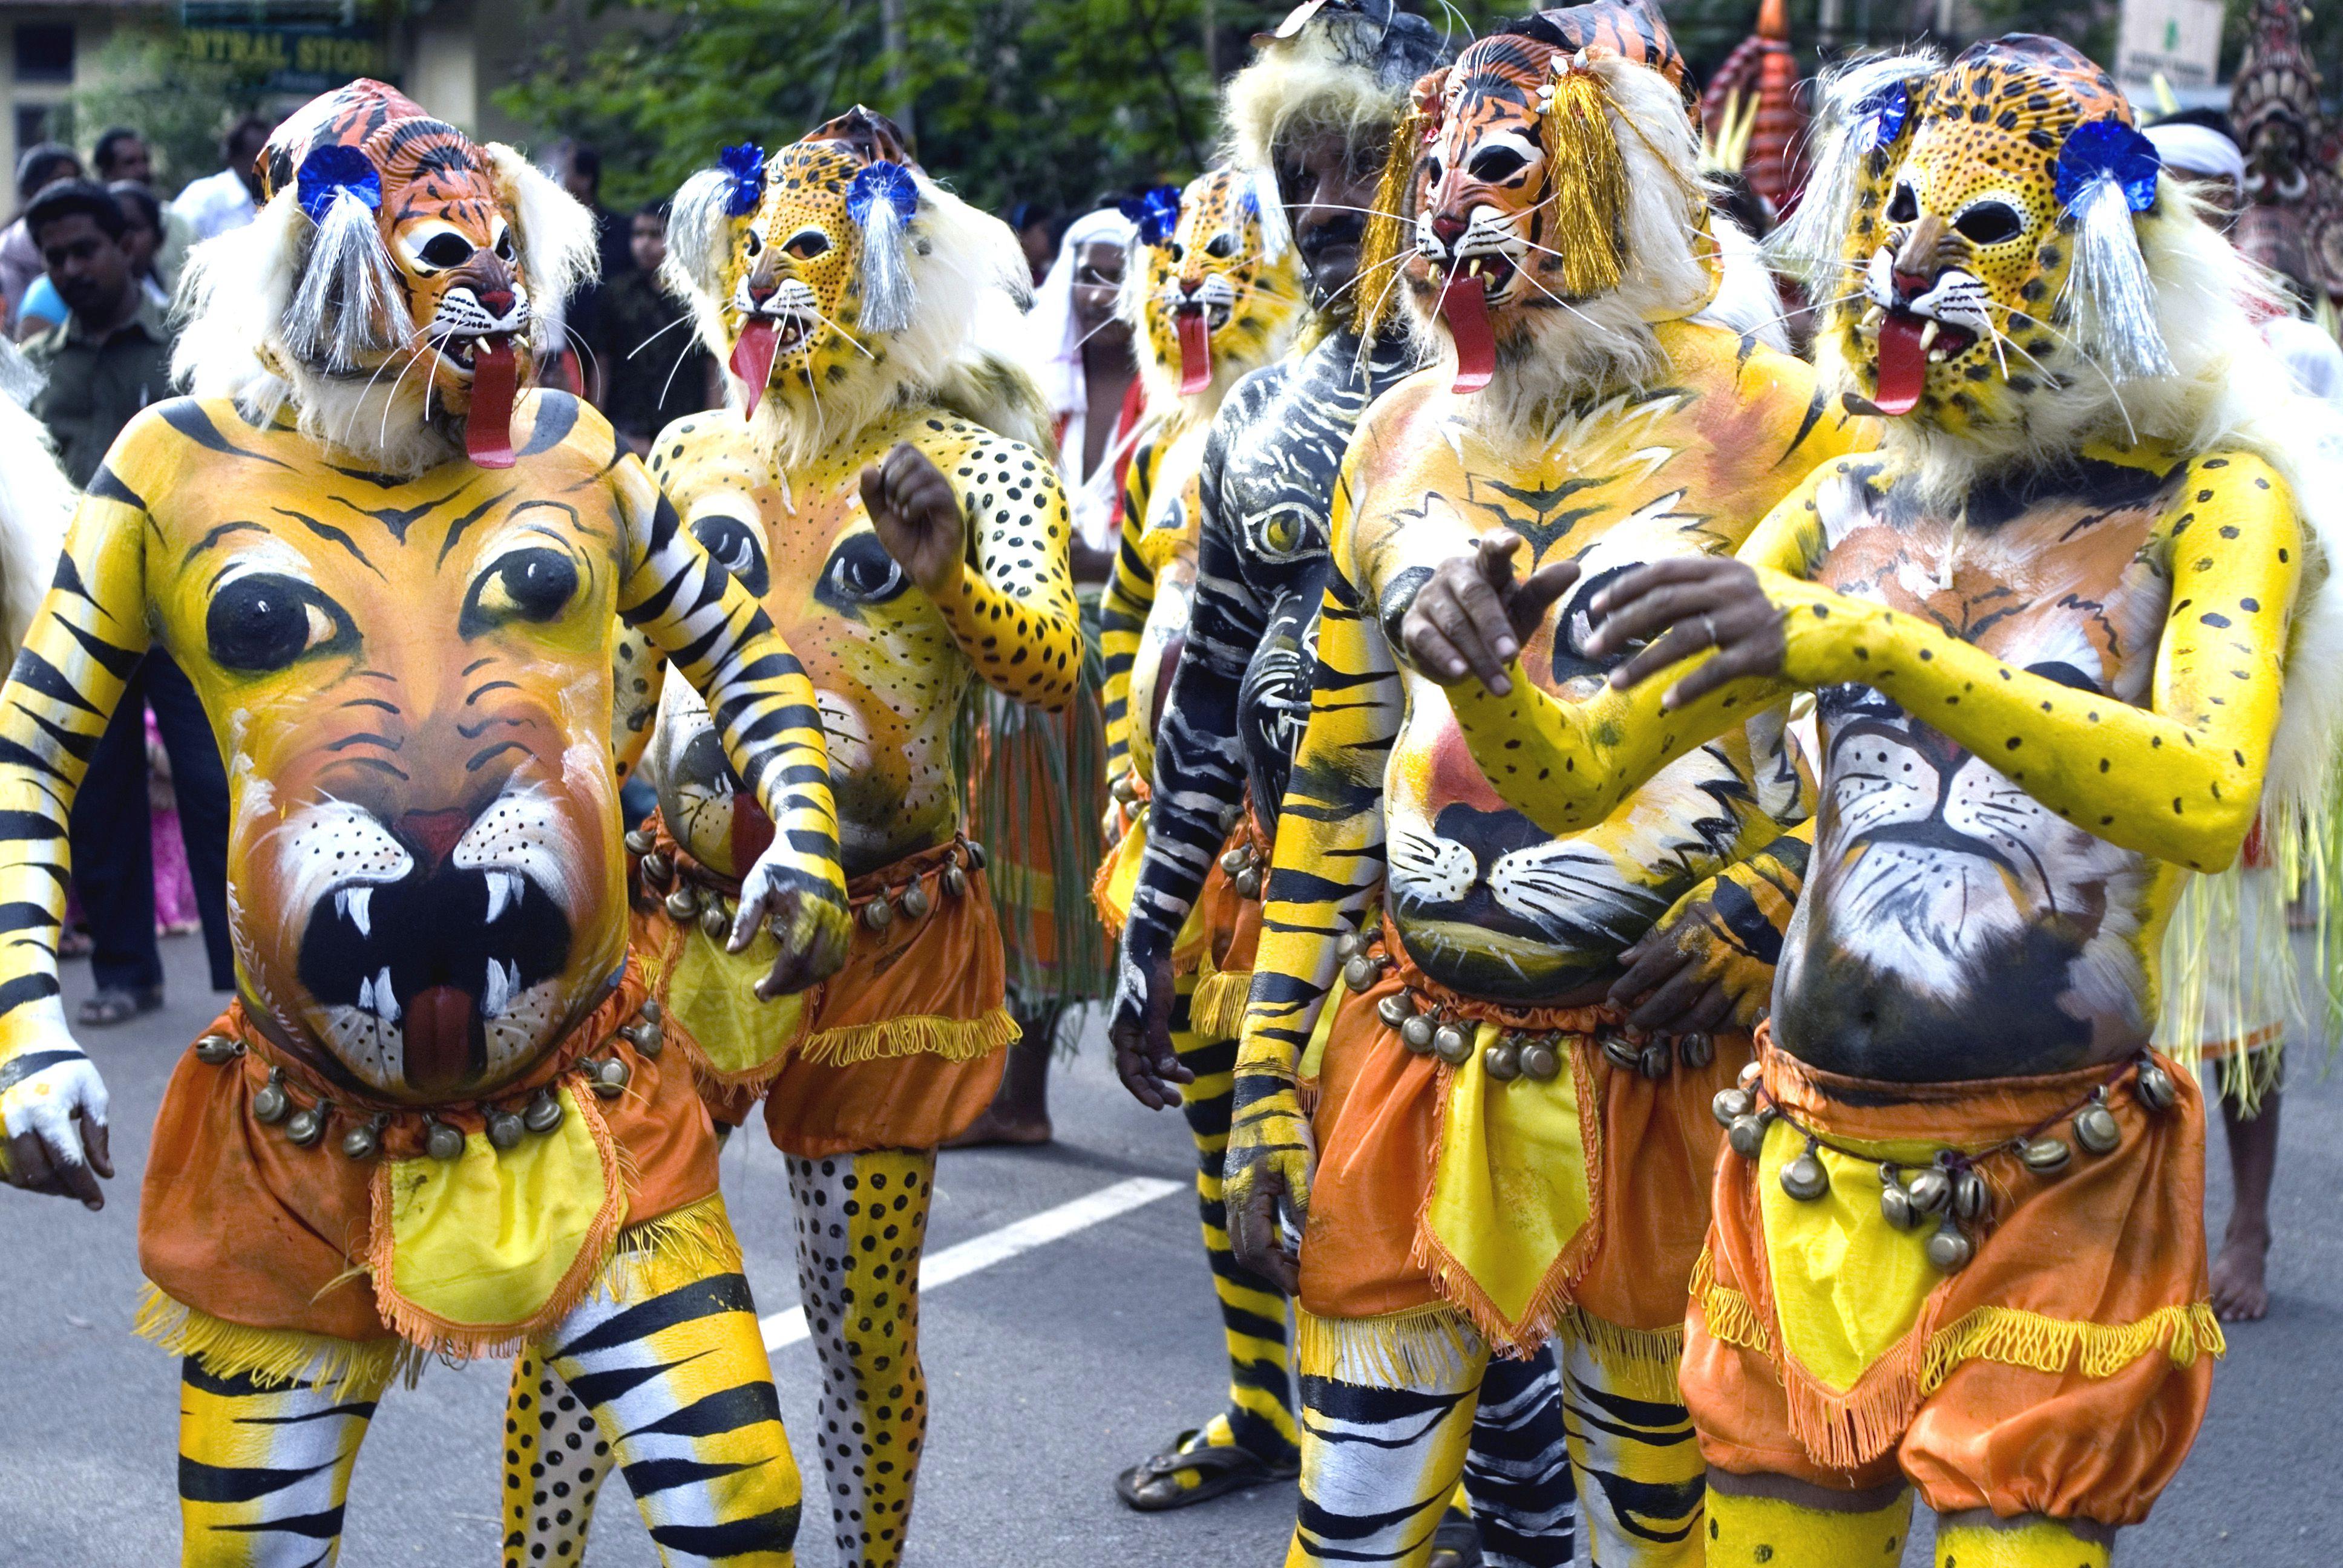 Los artistas de Pulikali o del juego del tigre pintaron cuerpos como tigres durante la celebración del onam